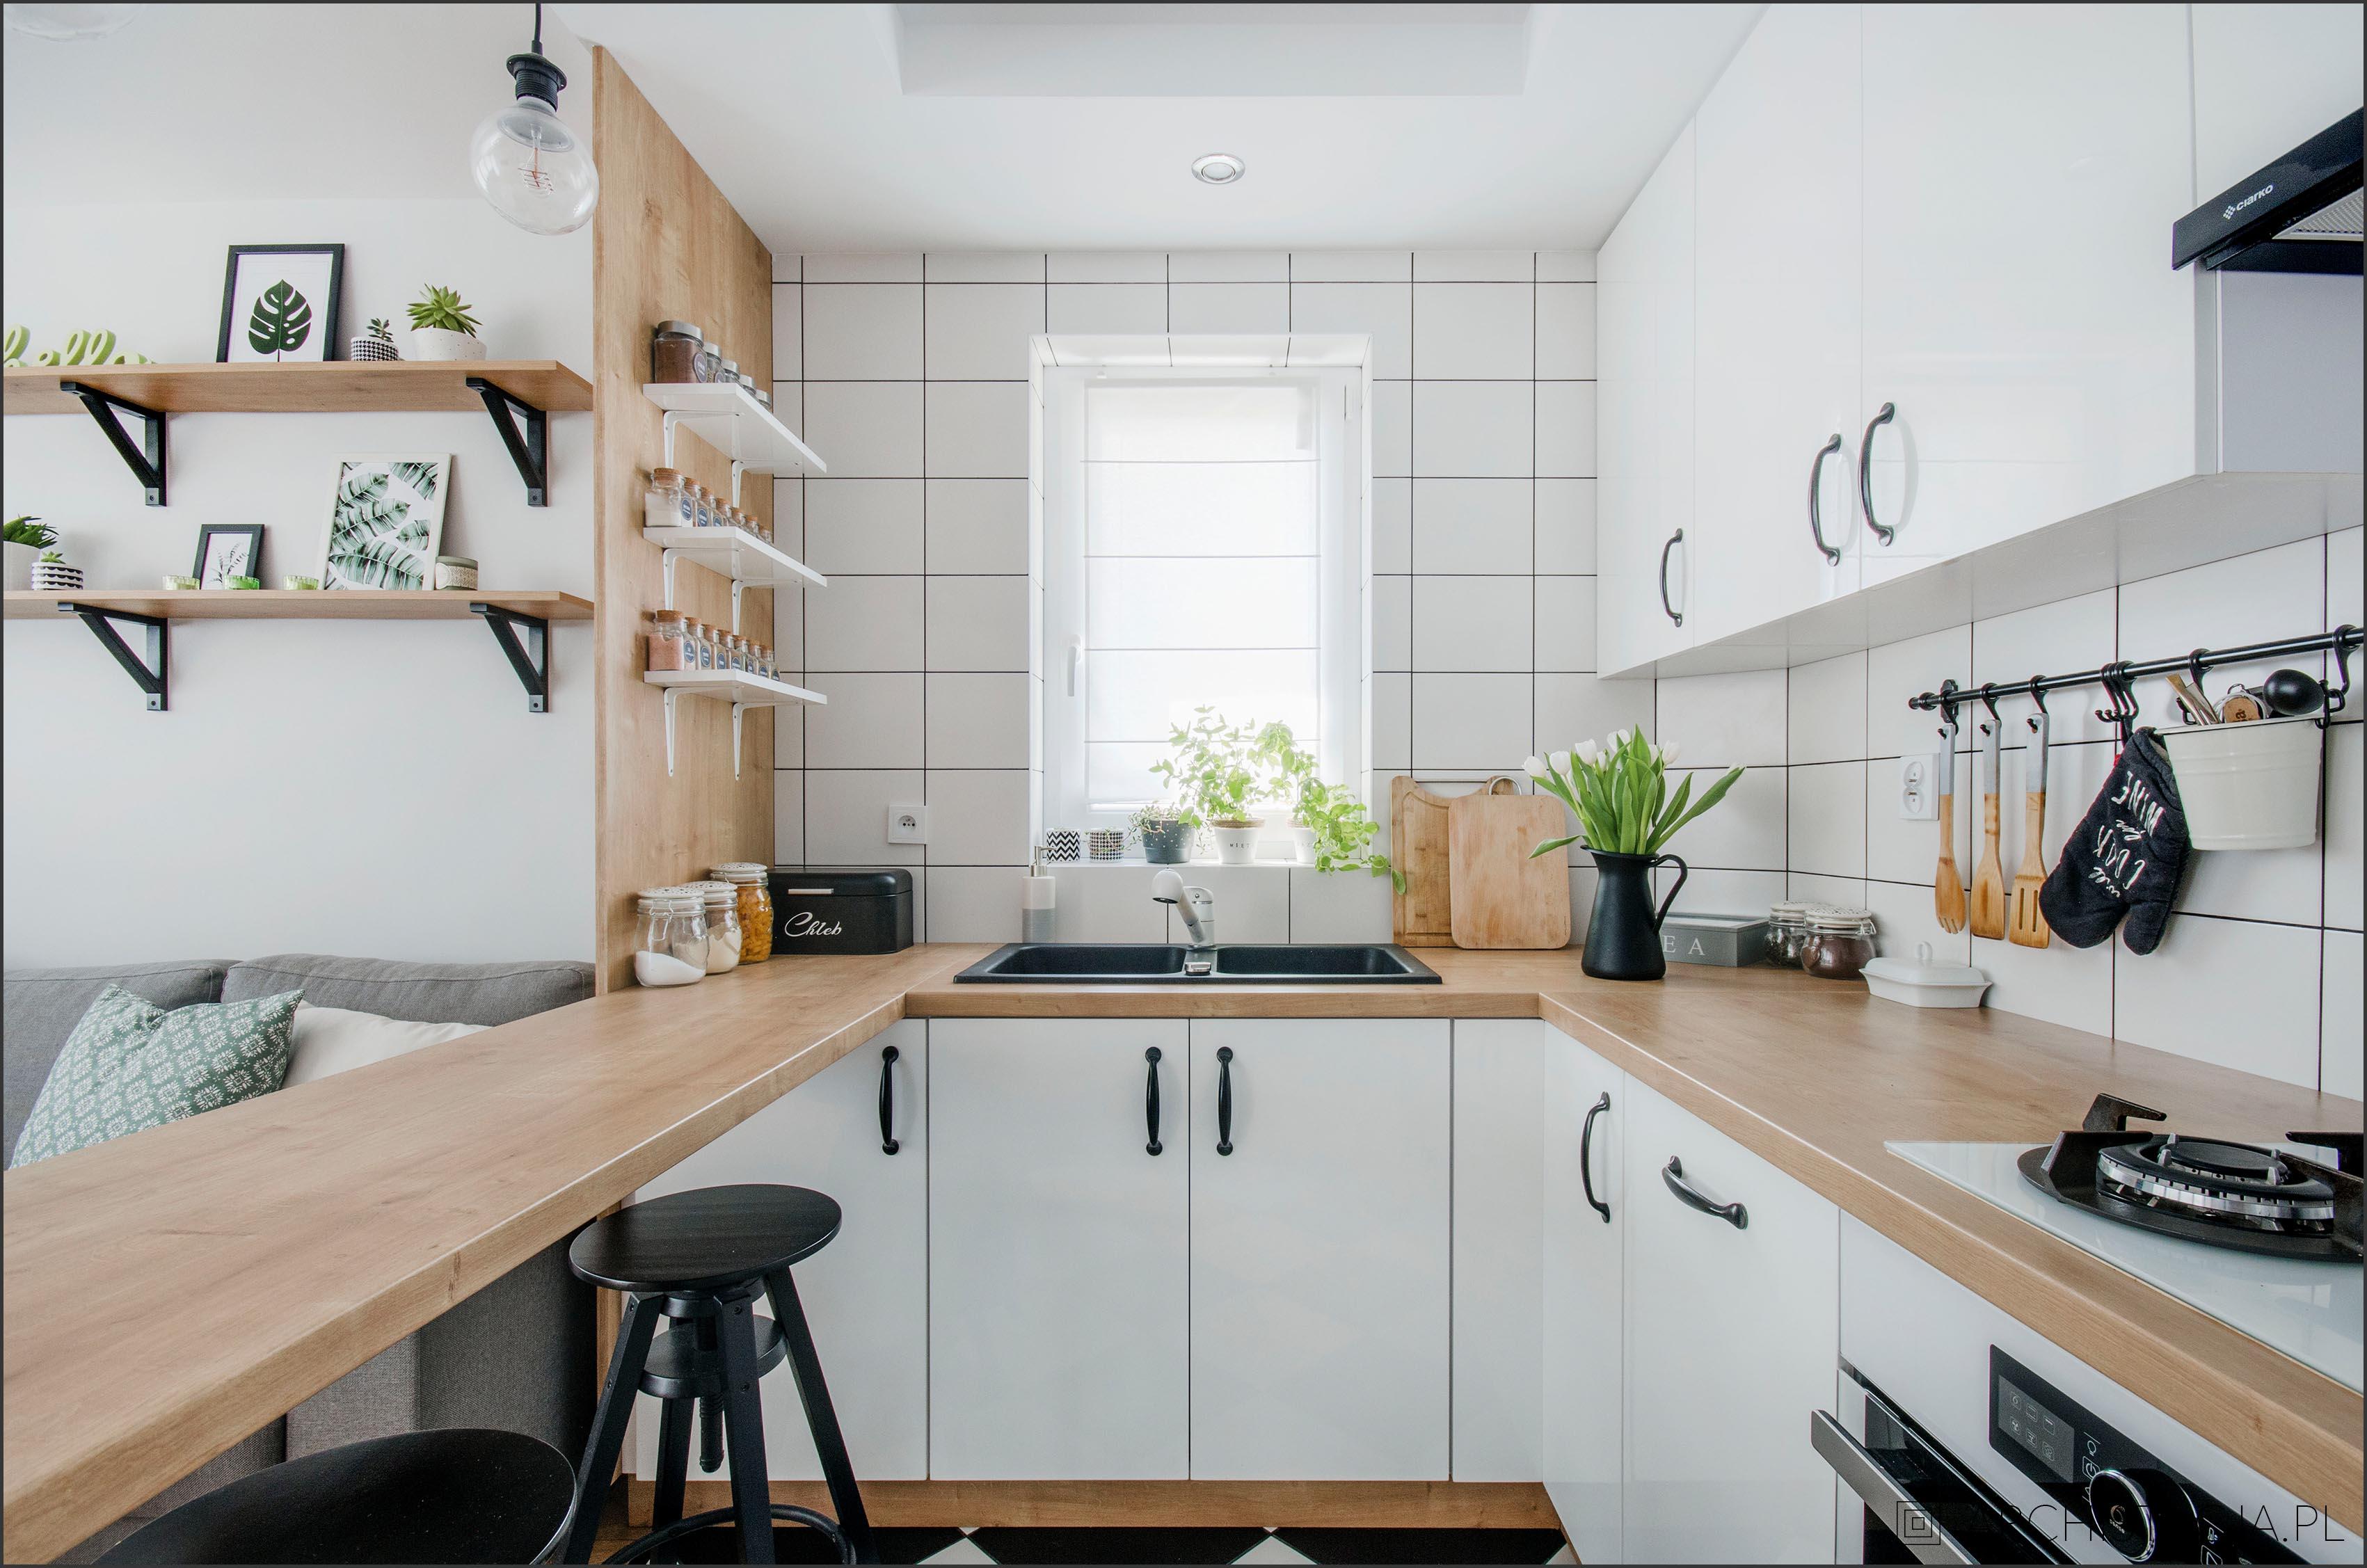 Salon Z Kuchnią W Bloku Metamorfoza Archistacjapl